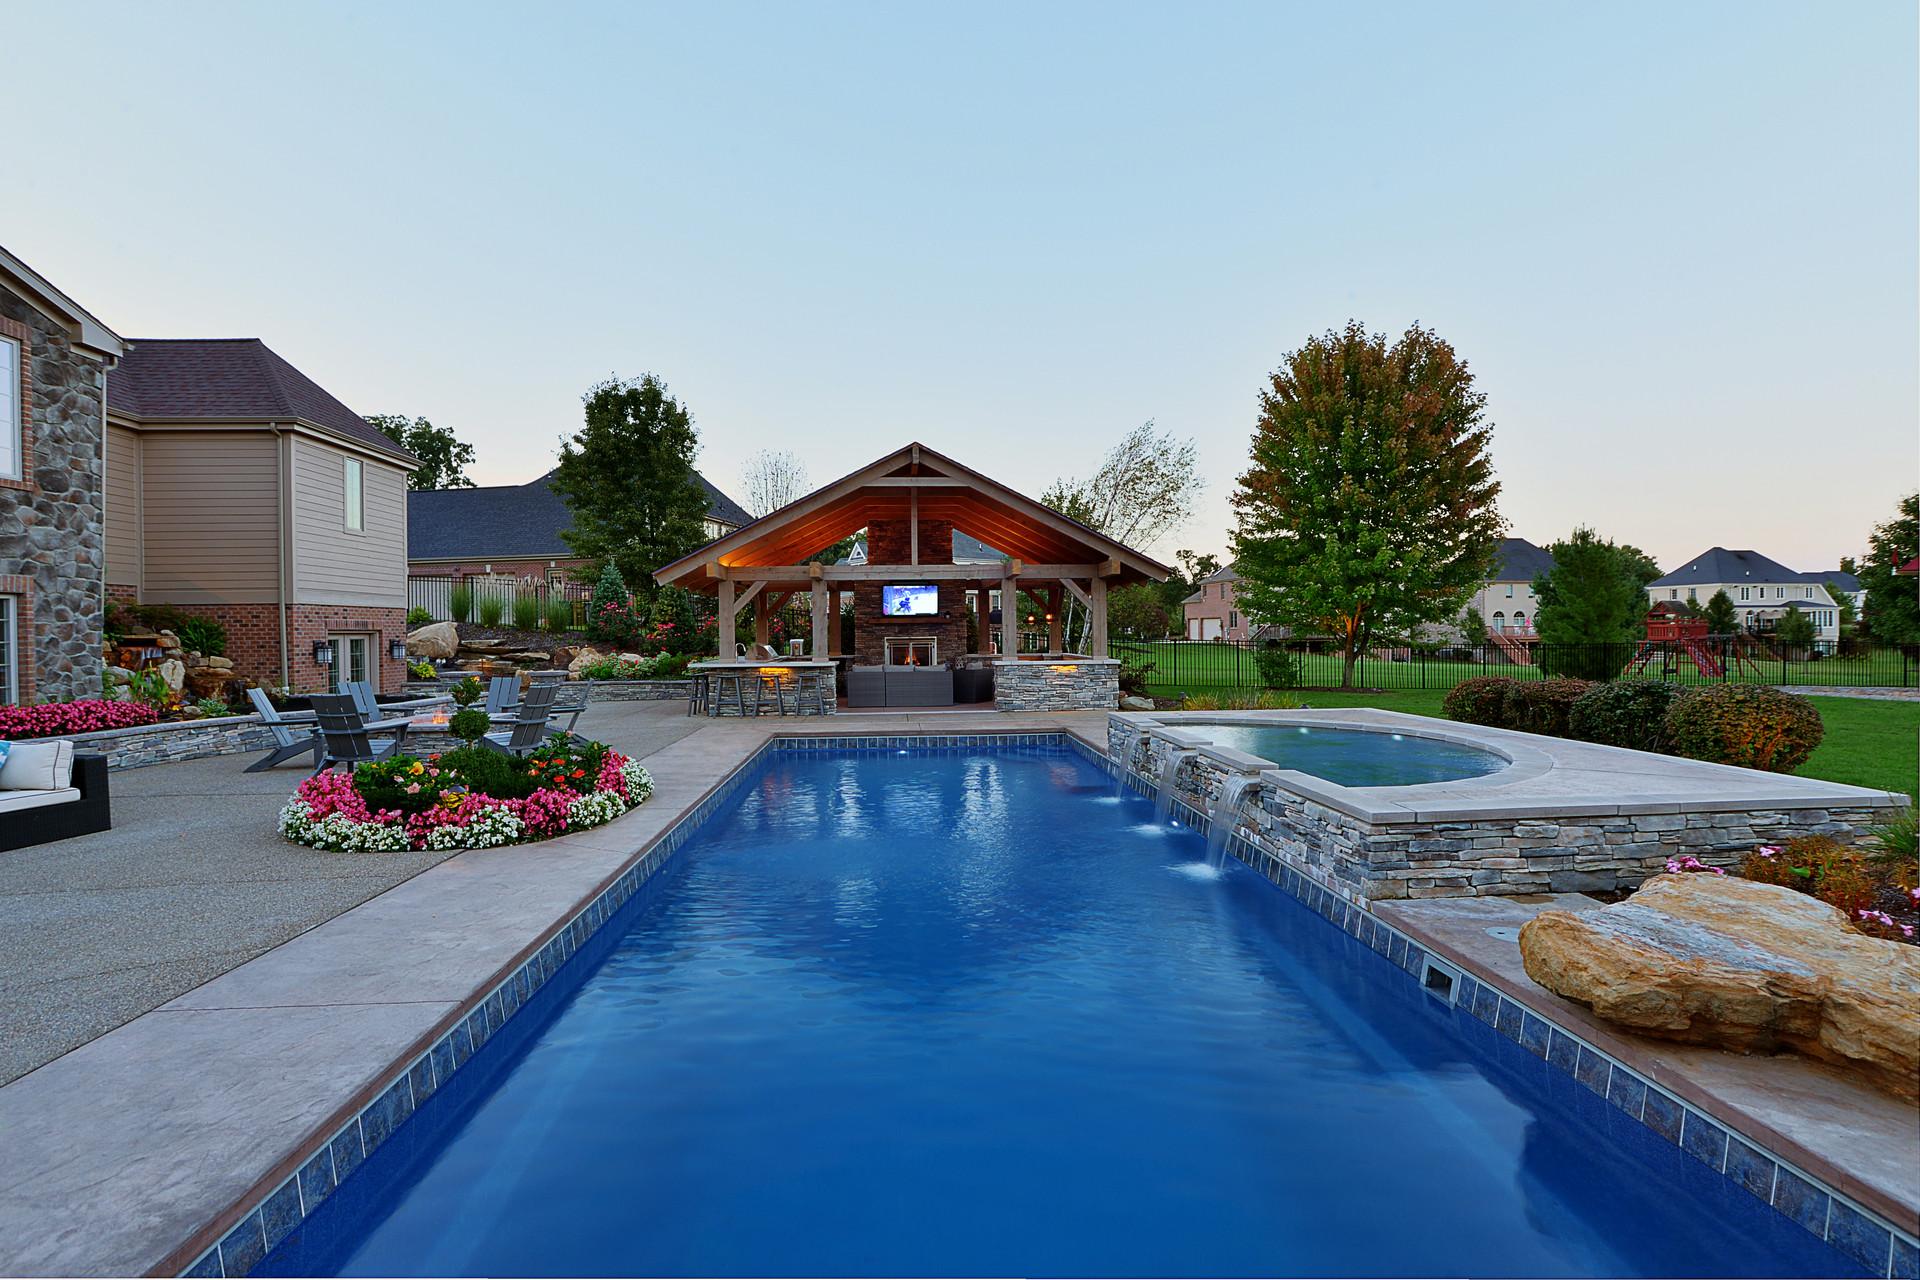 pool and pavillion.jpg